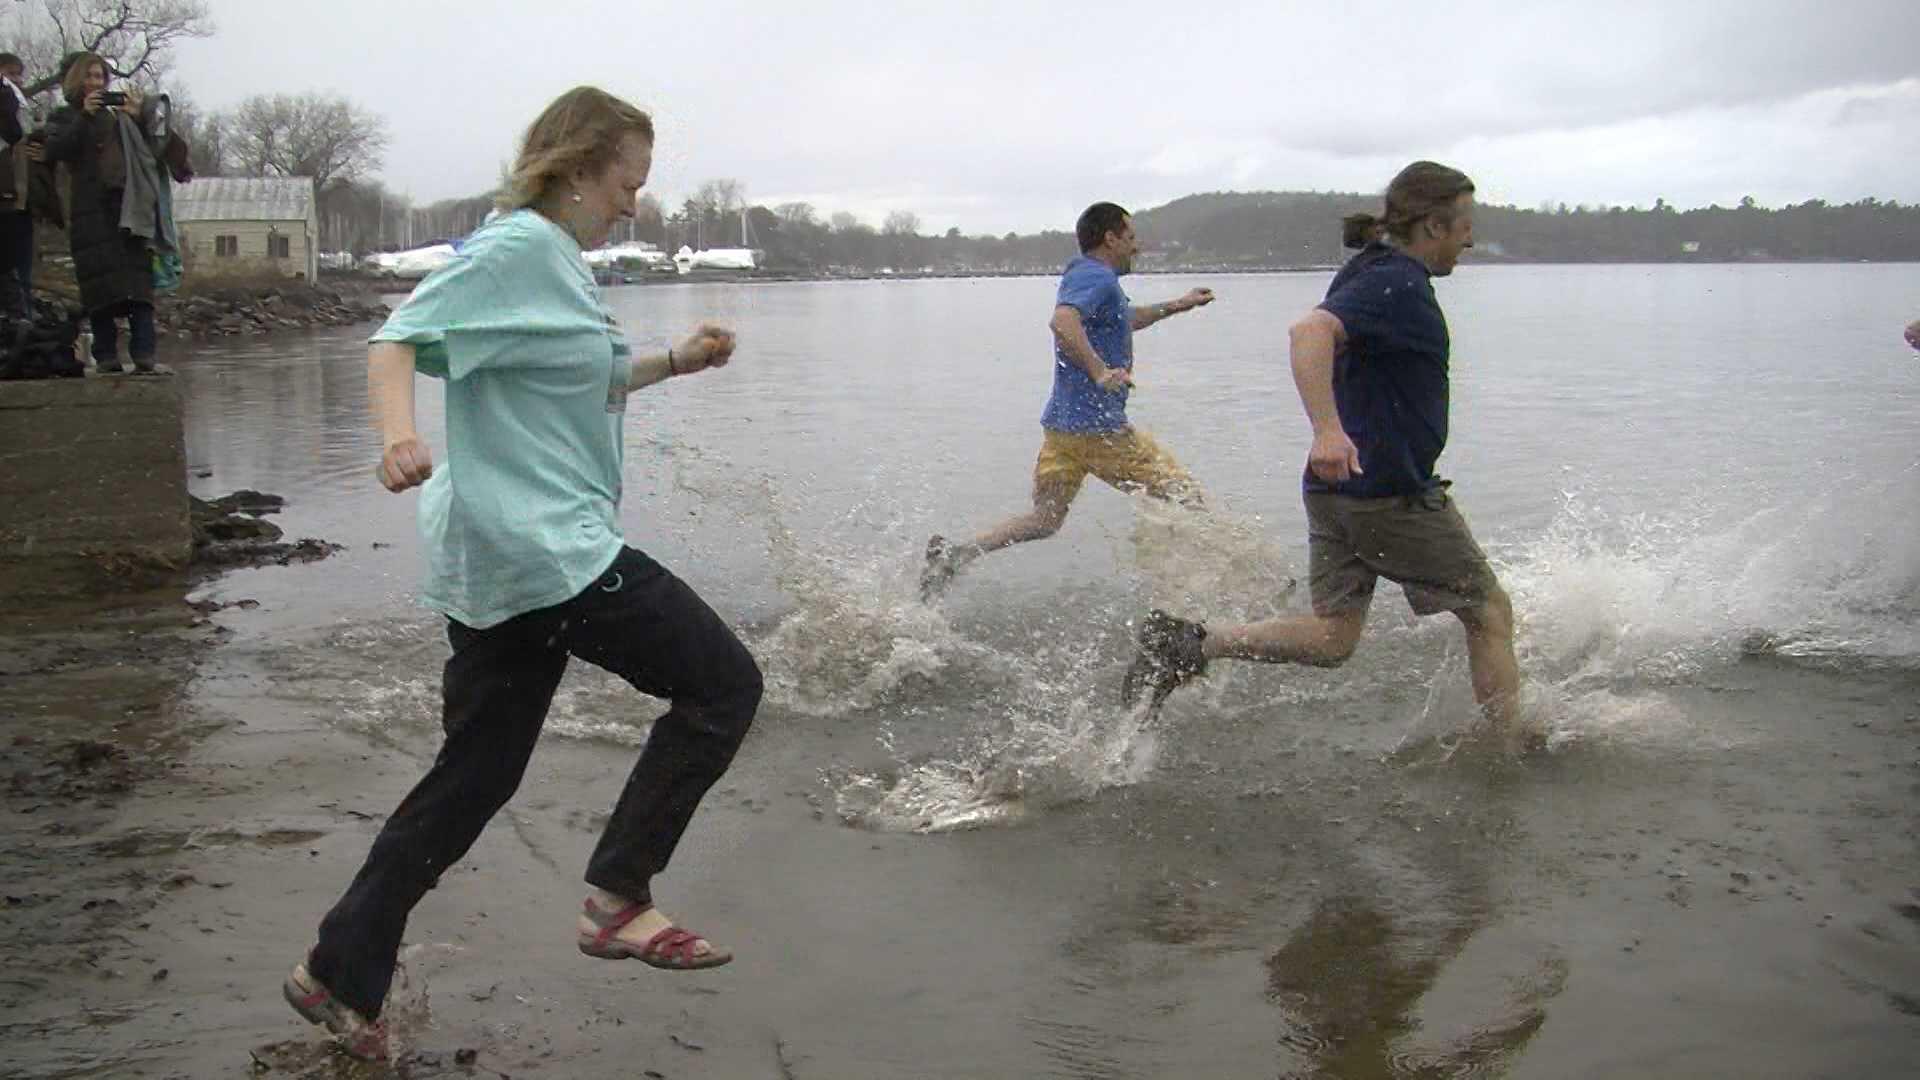 04-14-13 Making a splash to raise awareness - img